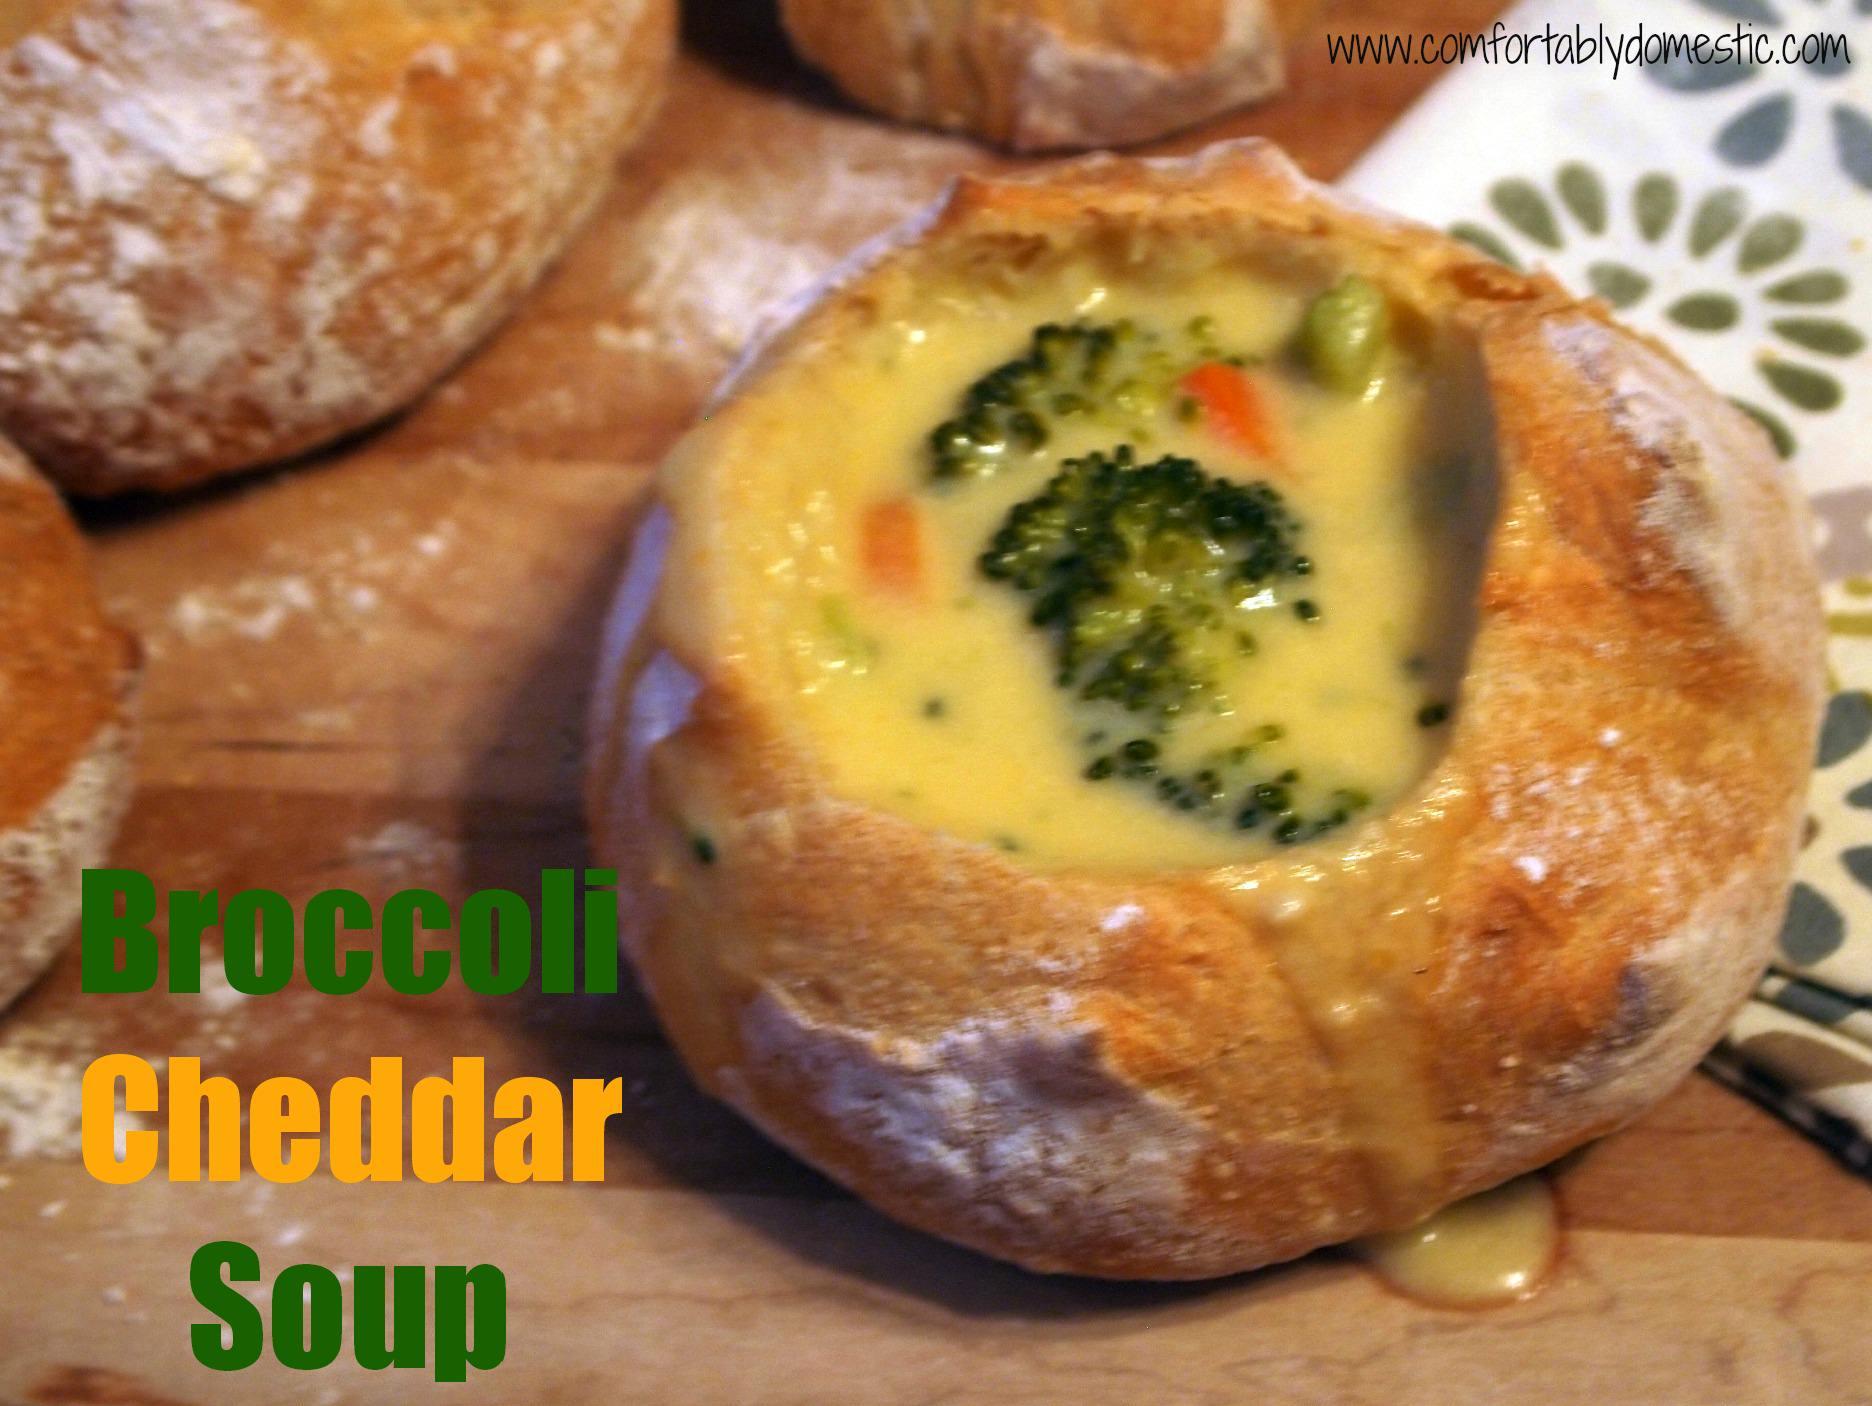 BroccoliCheddarSoupHeader